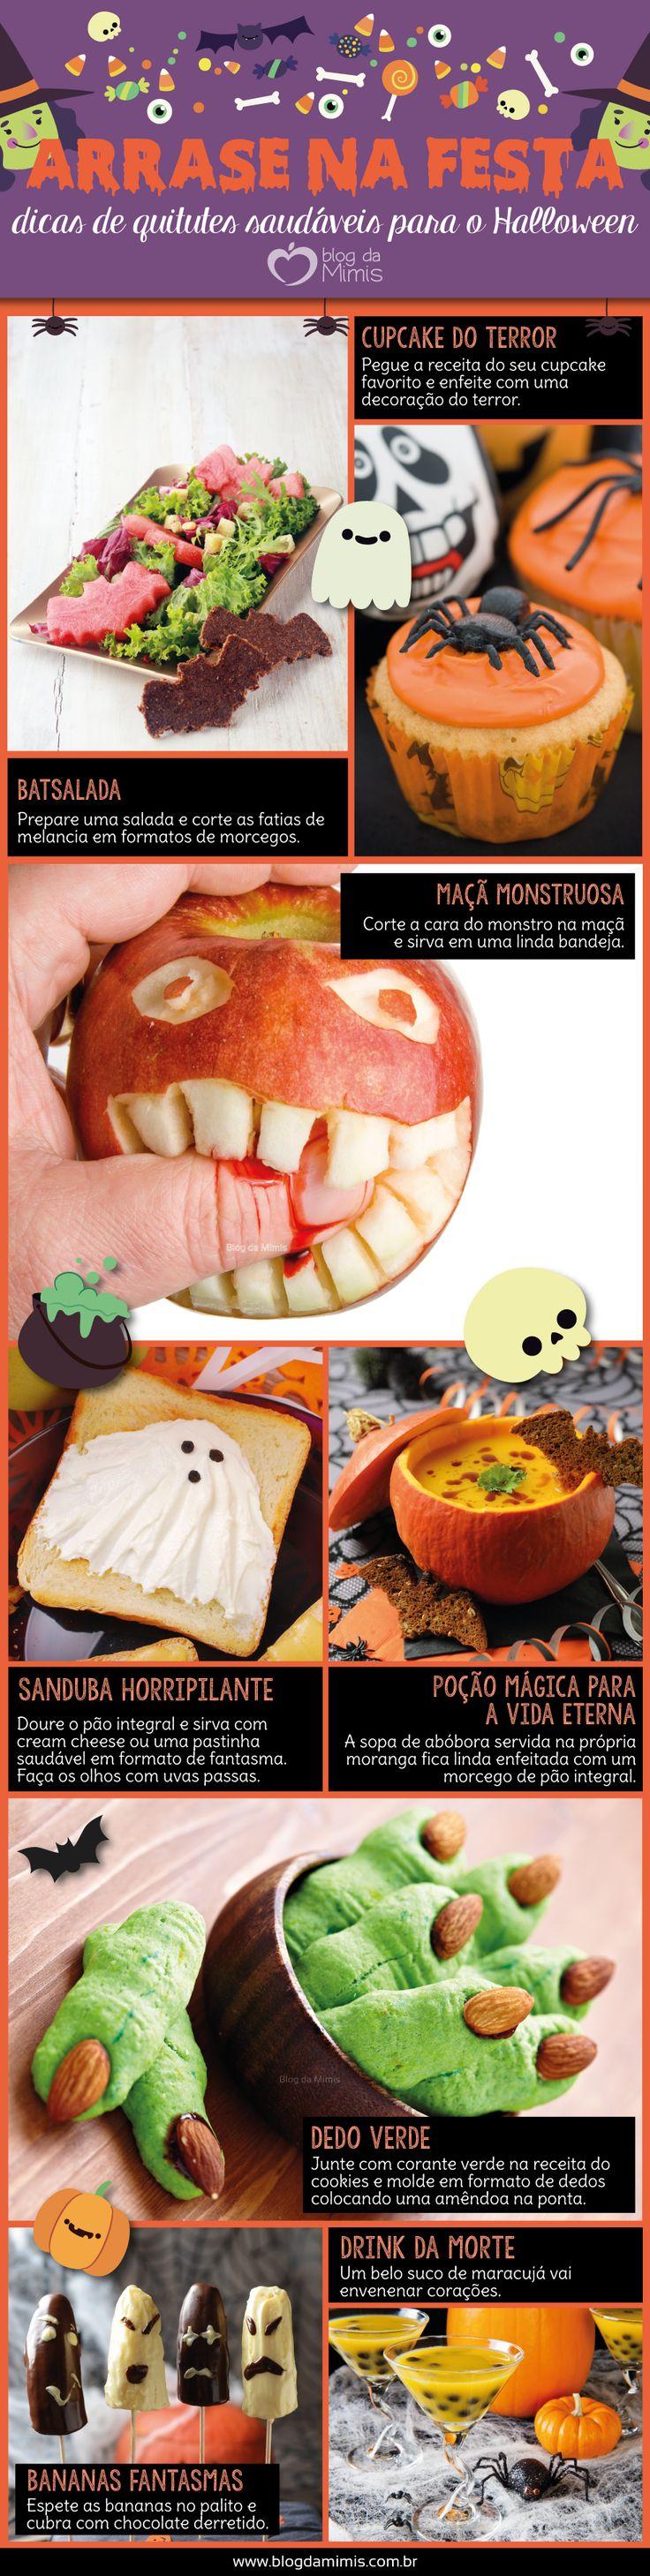 Arrase na festa: dicas de quitutes saudáveis para o Halloween - Blog da Mimis #halloween #diadasbruxas #dicas #lanches #quitutes #festa